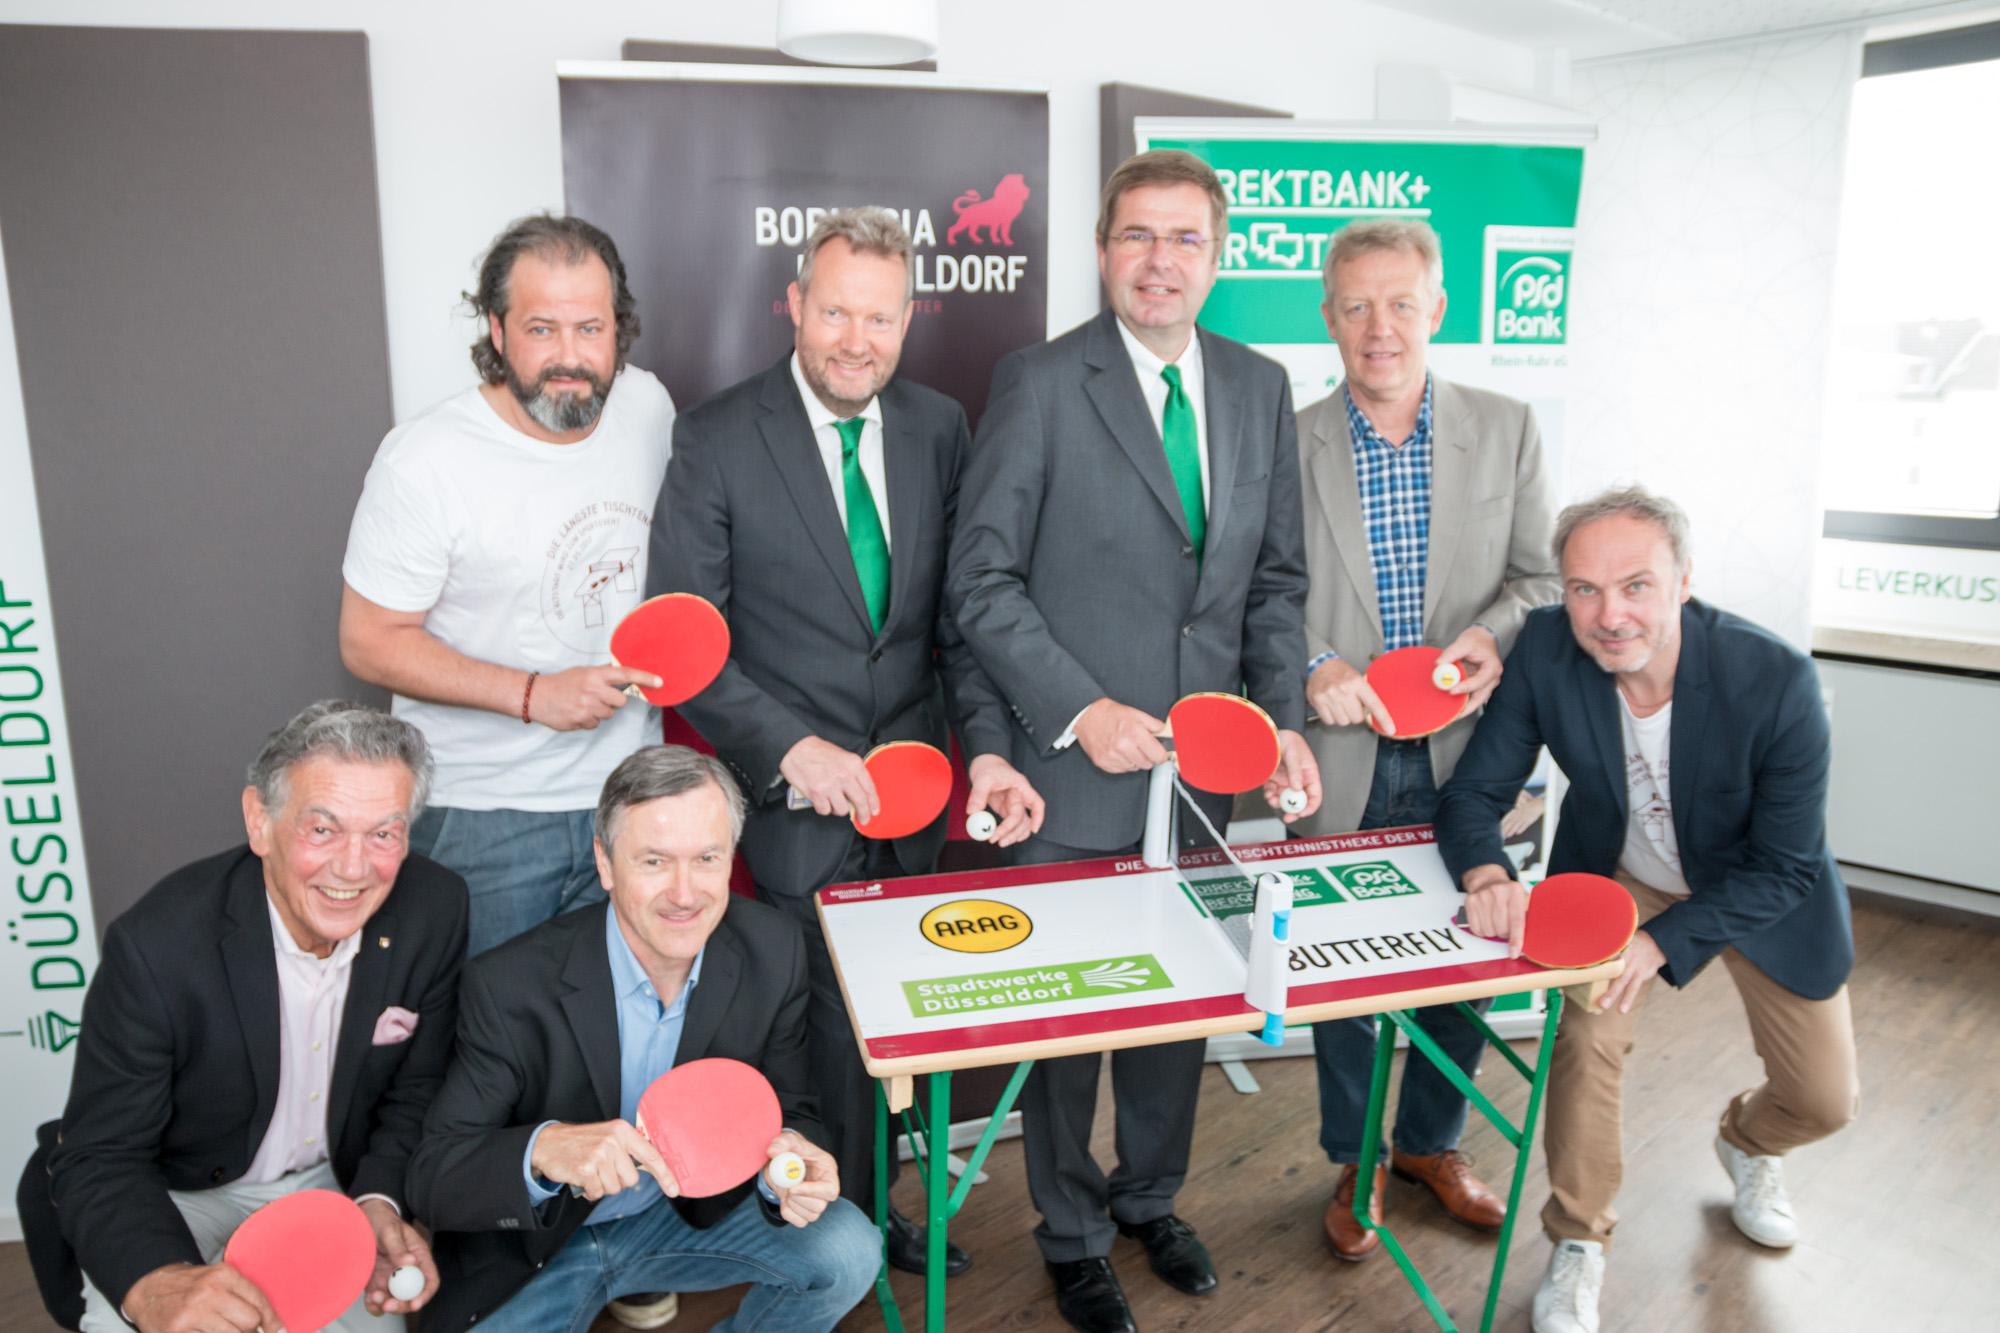 """Pressekonferenz bei der PSD Bank zum Thema """"Die längste Tischtennistheke der Welt"""" in Düsseldorf"""